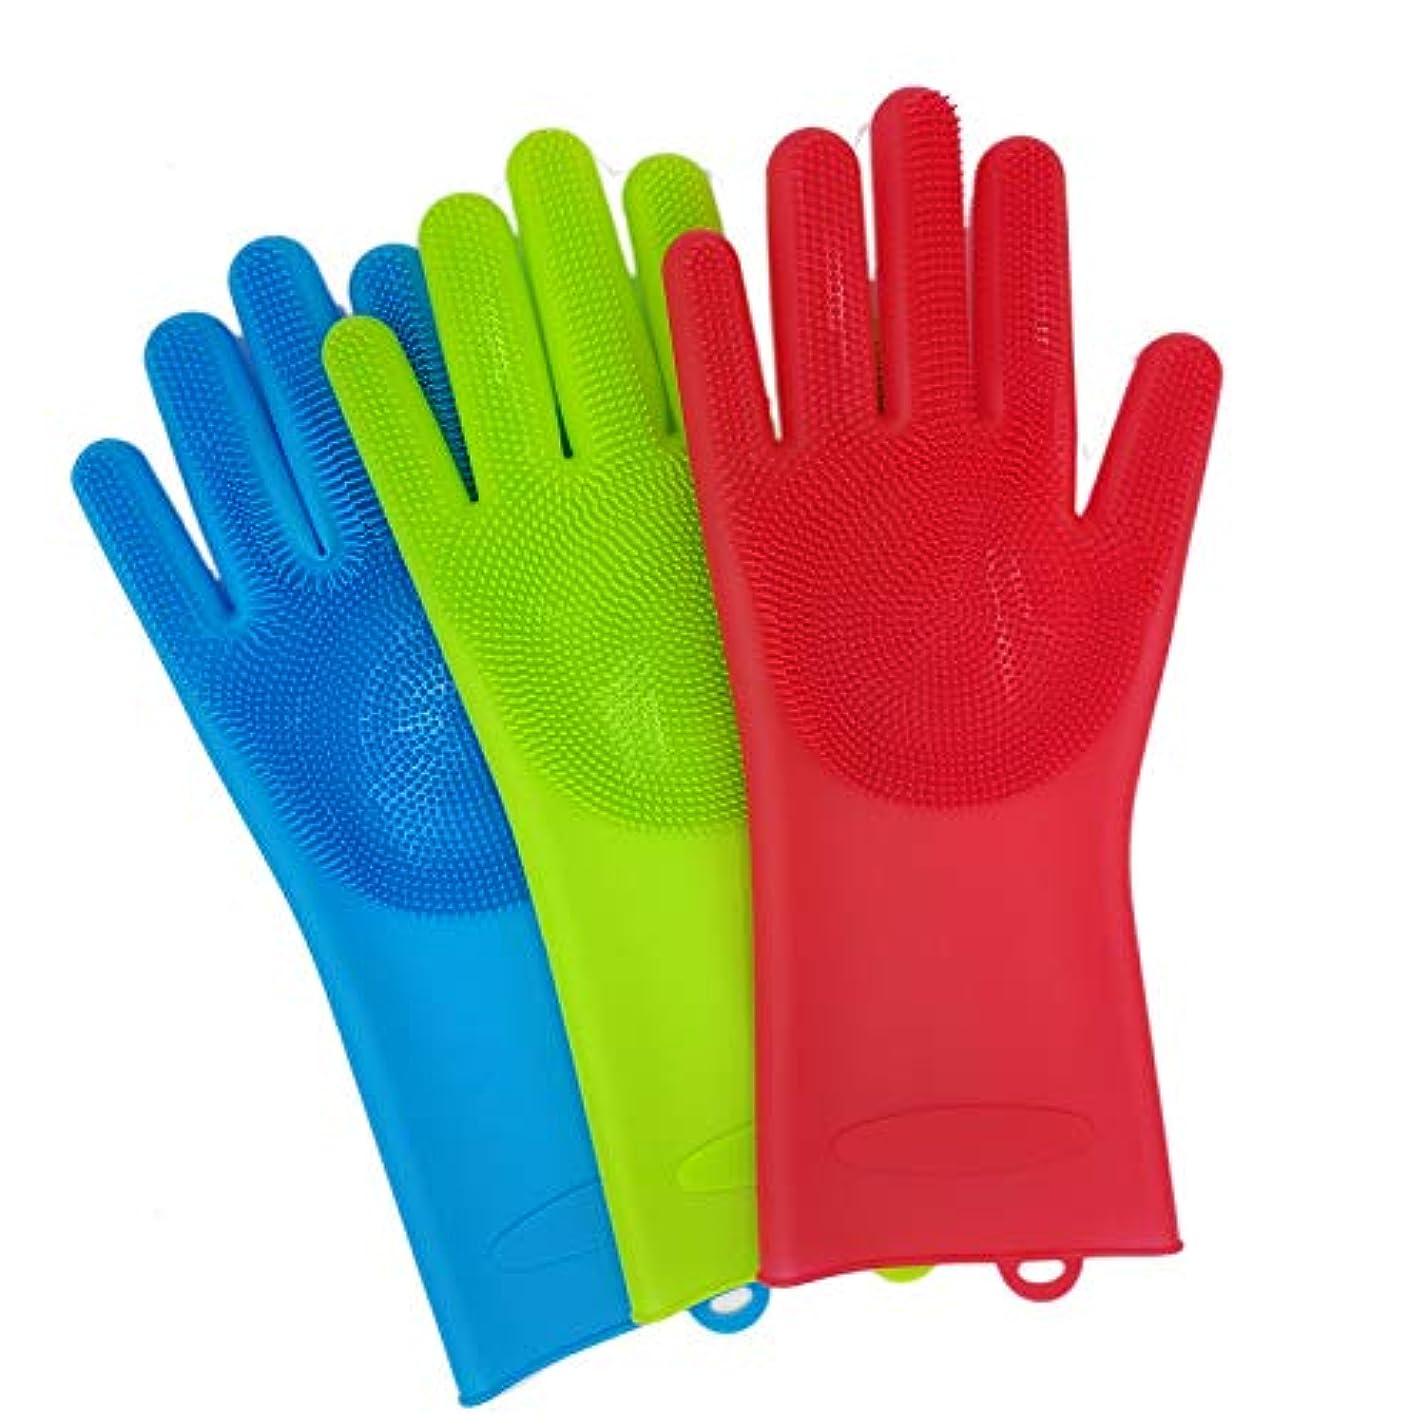 大騒ぎスクワイア敵BTXXYJP 手袋 ペット ブラシ 猫 ブラシ グローブ 耐摩耗 クリーナー 抜け毛取り マッサージブラシ 犬 グローブ ペット毛取りブラシ お手入れ (Color : Blue, Size : L)